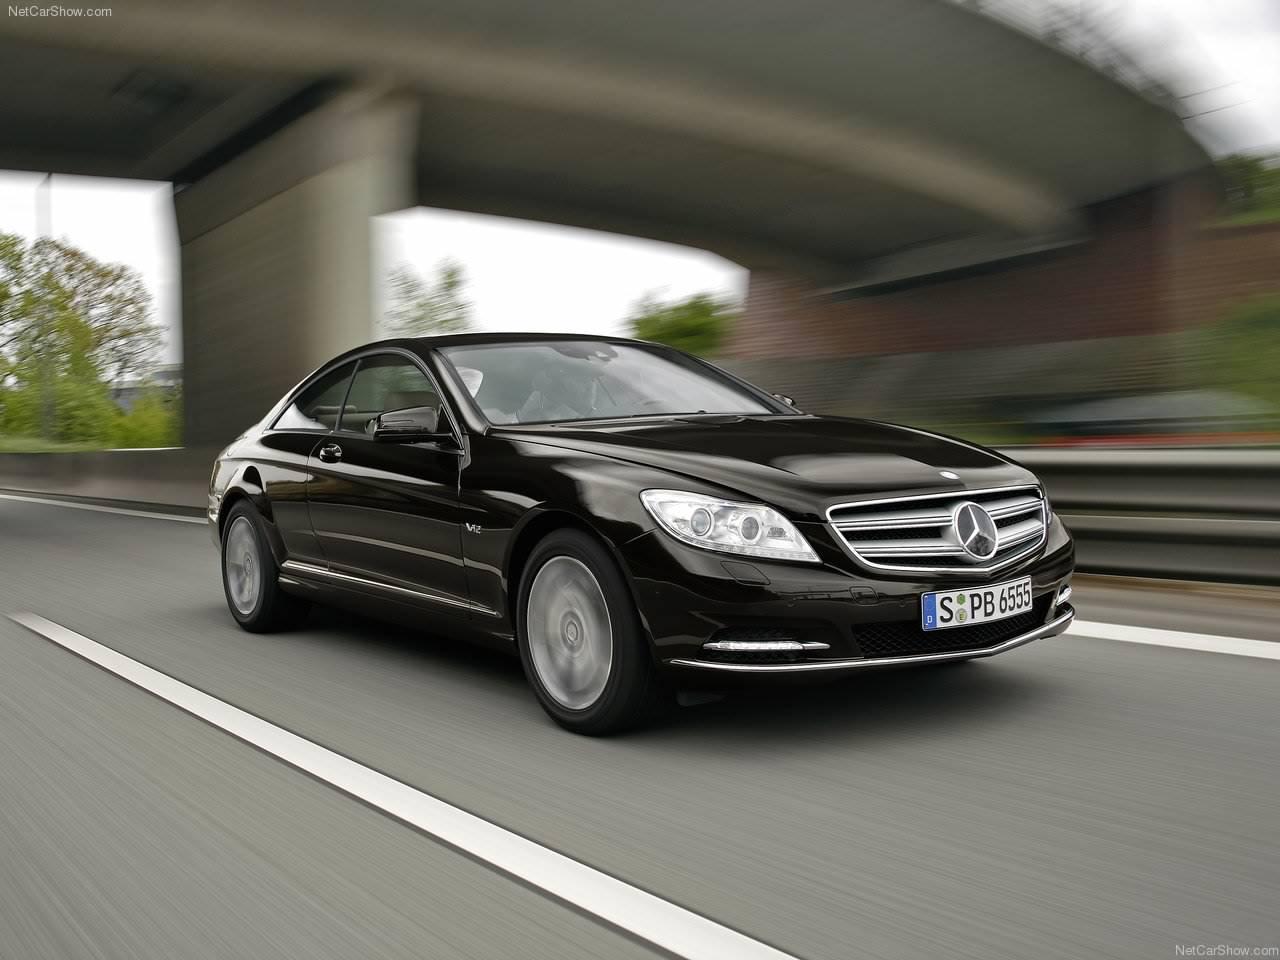 http://4.bp.blogspot.com/_lsyt_wQ2awY/TDOFdexB13I/AAAAAAAB6rw/ptOrdN5Vf_g/s1600/Mercedes-Benz-CL-Class_2011_1280x960_wallpaper_08.jpg